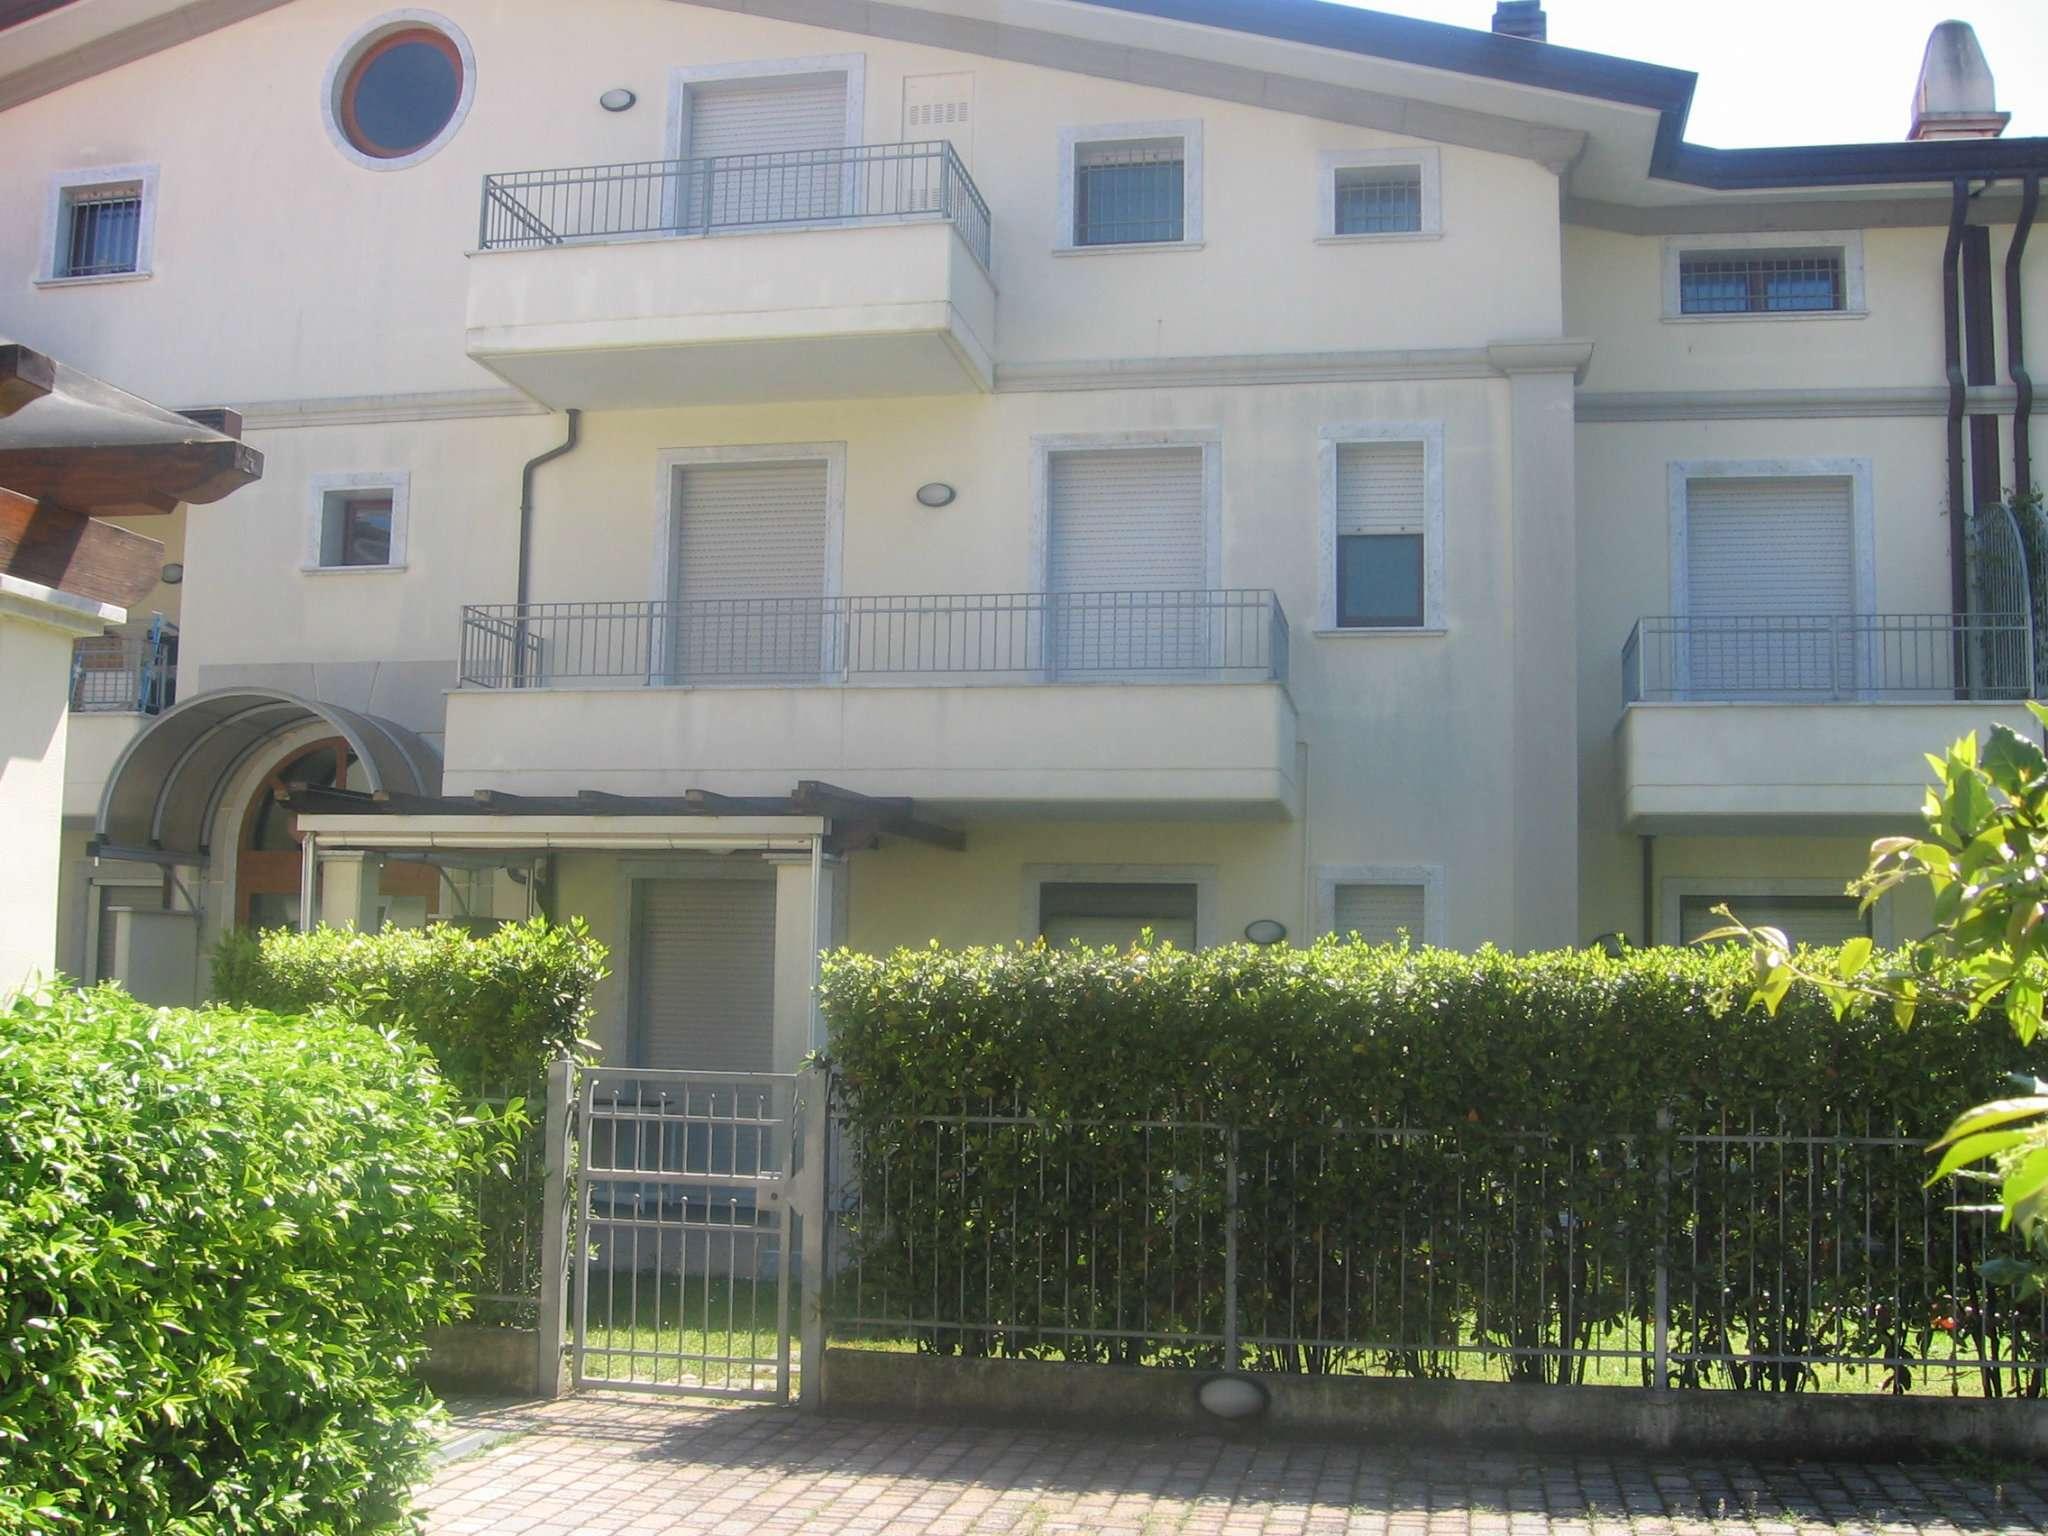 Casa tre camere sottotetto massa carrara in vendita for Casa di 700 metri quadrati in vendita